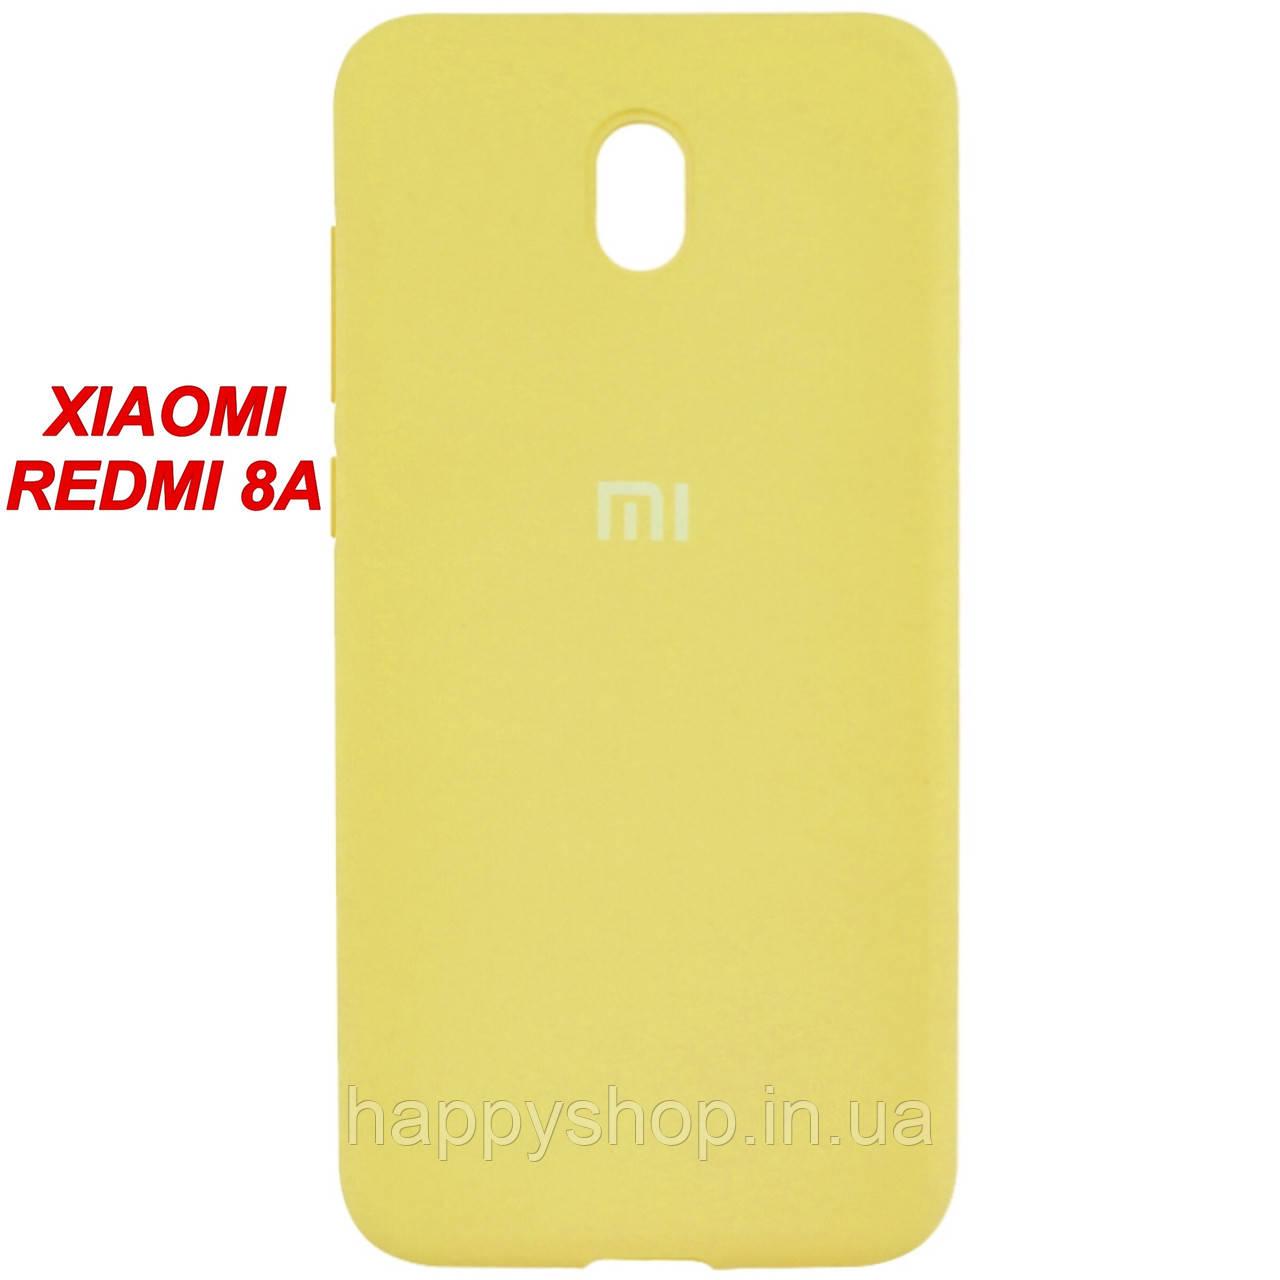 Оригинальный чехол для Xiaomi Redmi 8a (Желтый/Yellow)